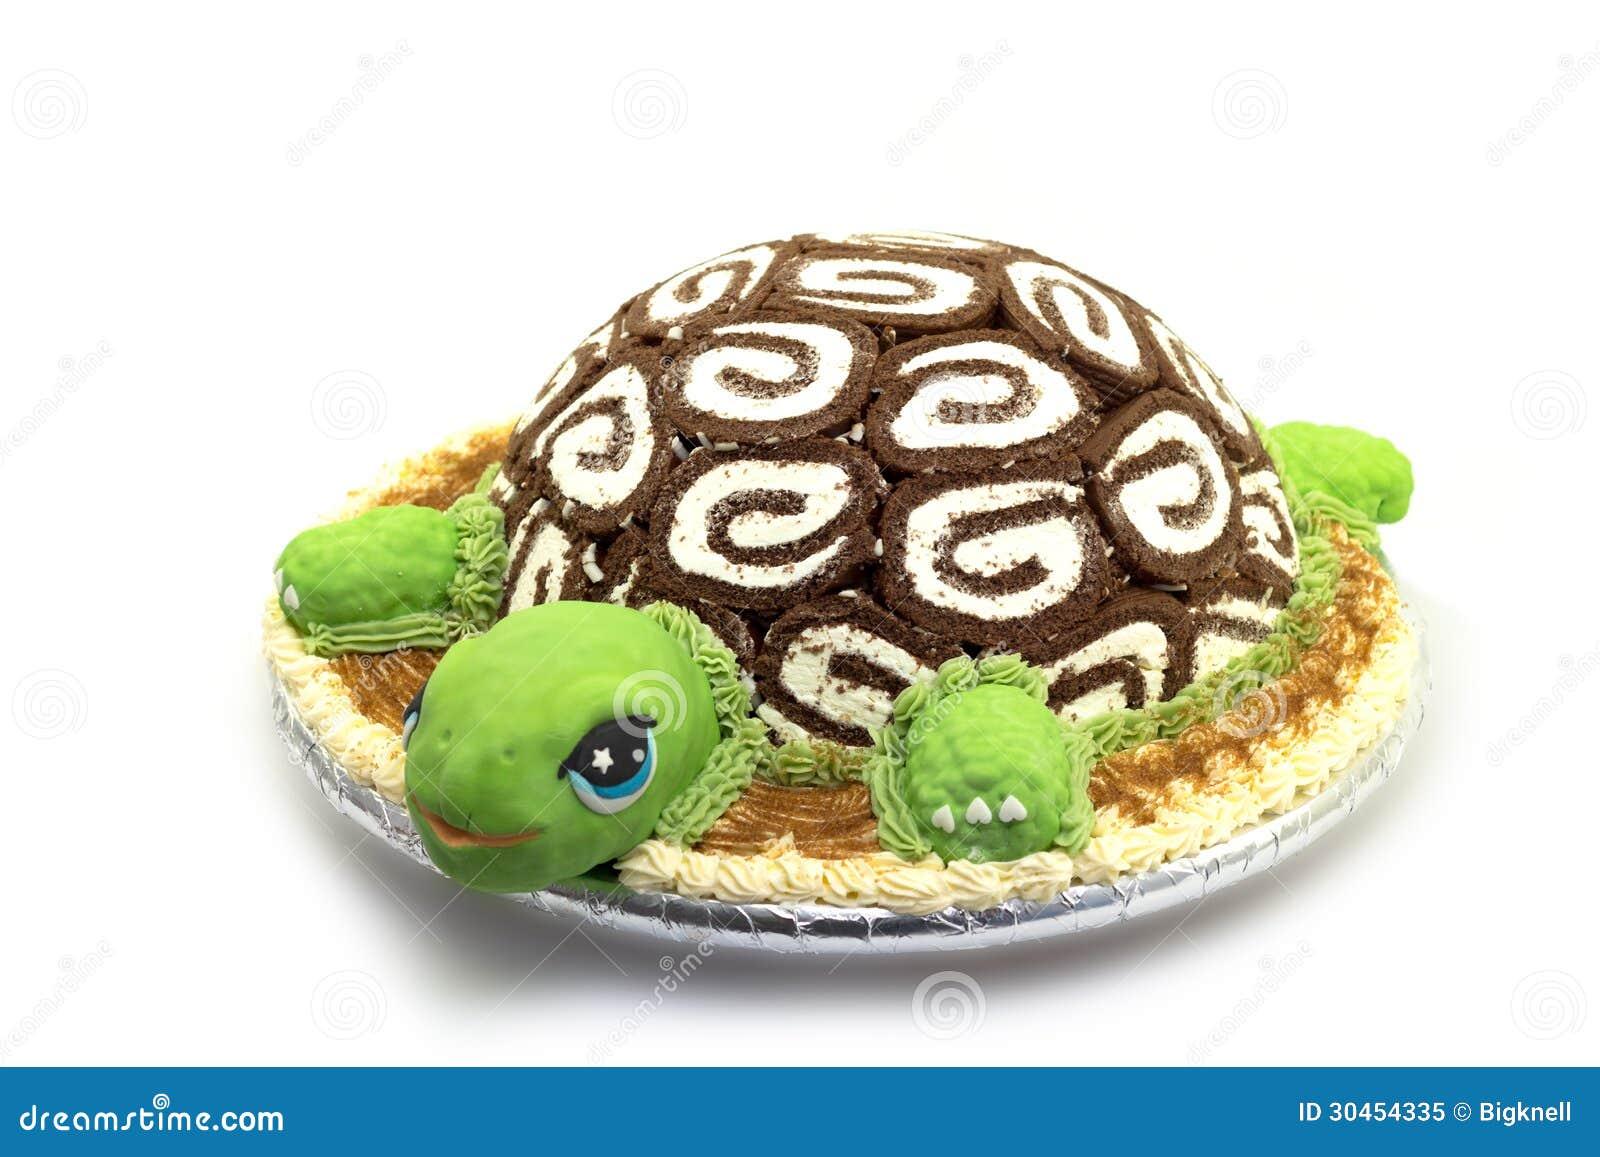 Как приготовить торт черепаха в домашних условиях пошагово с фото